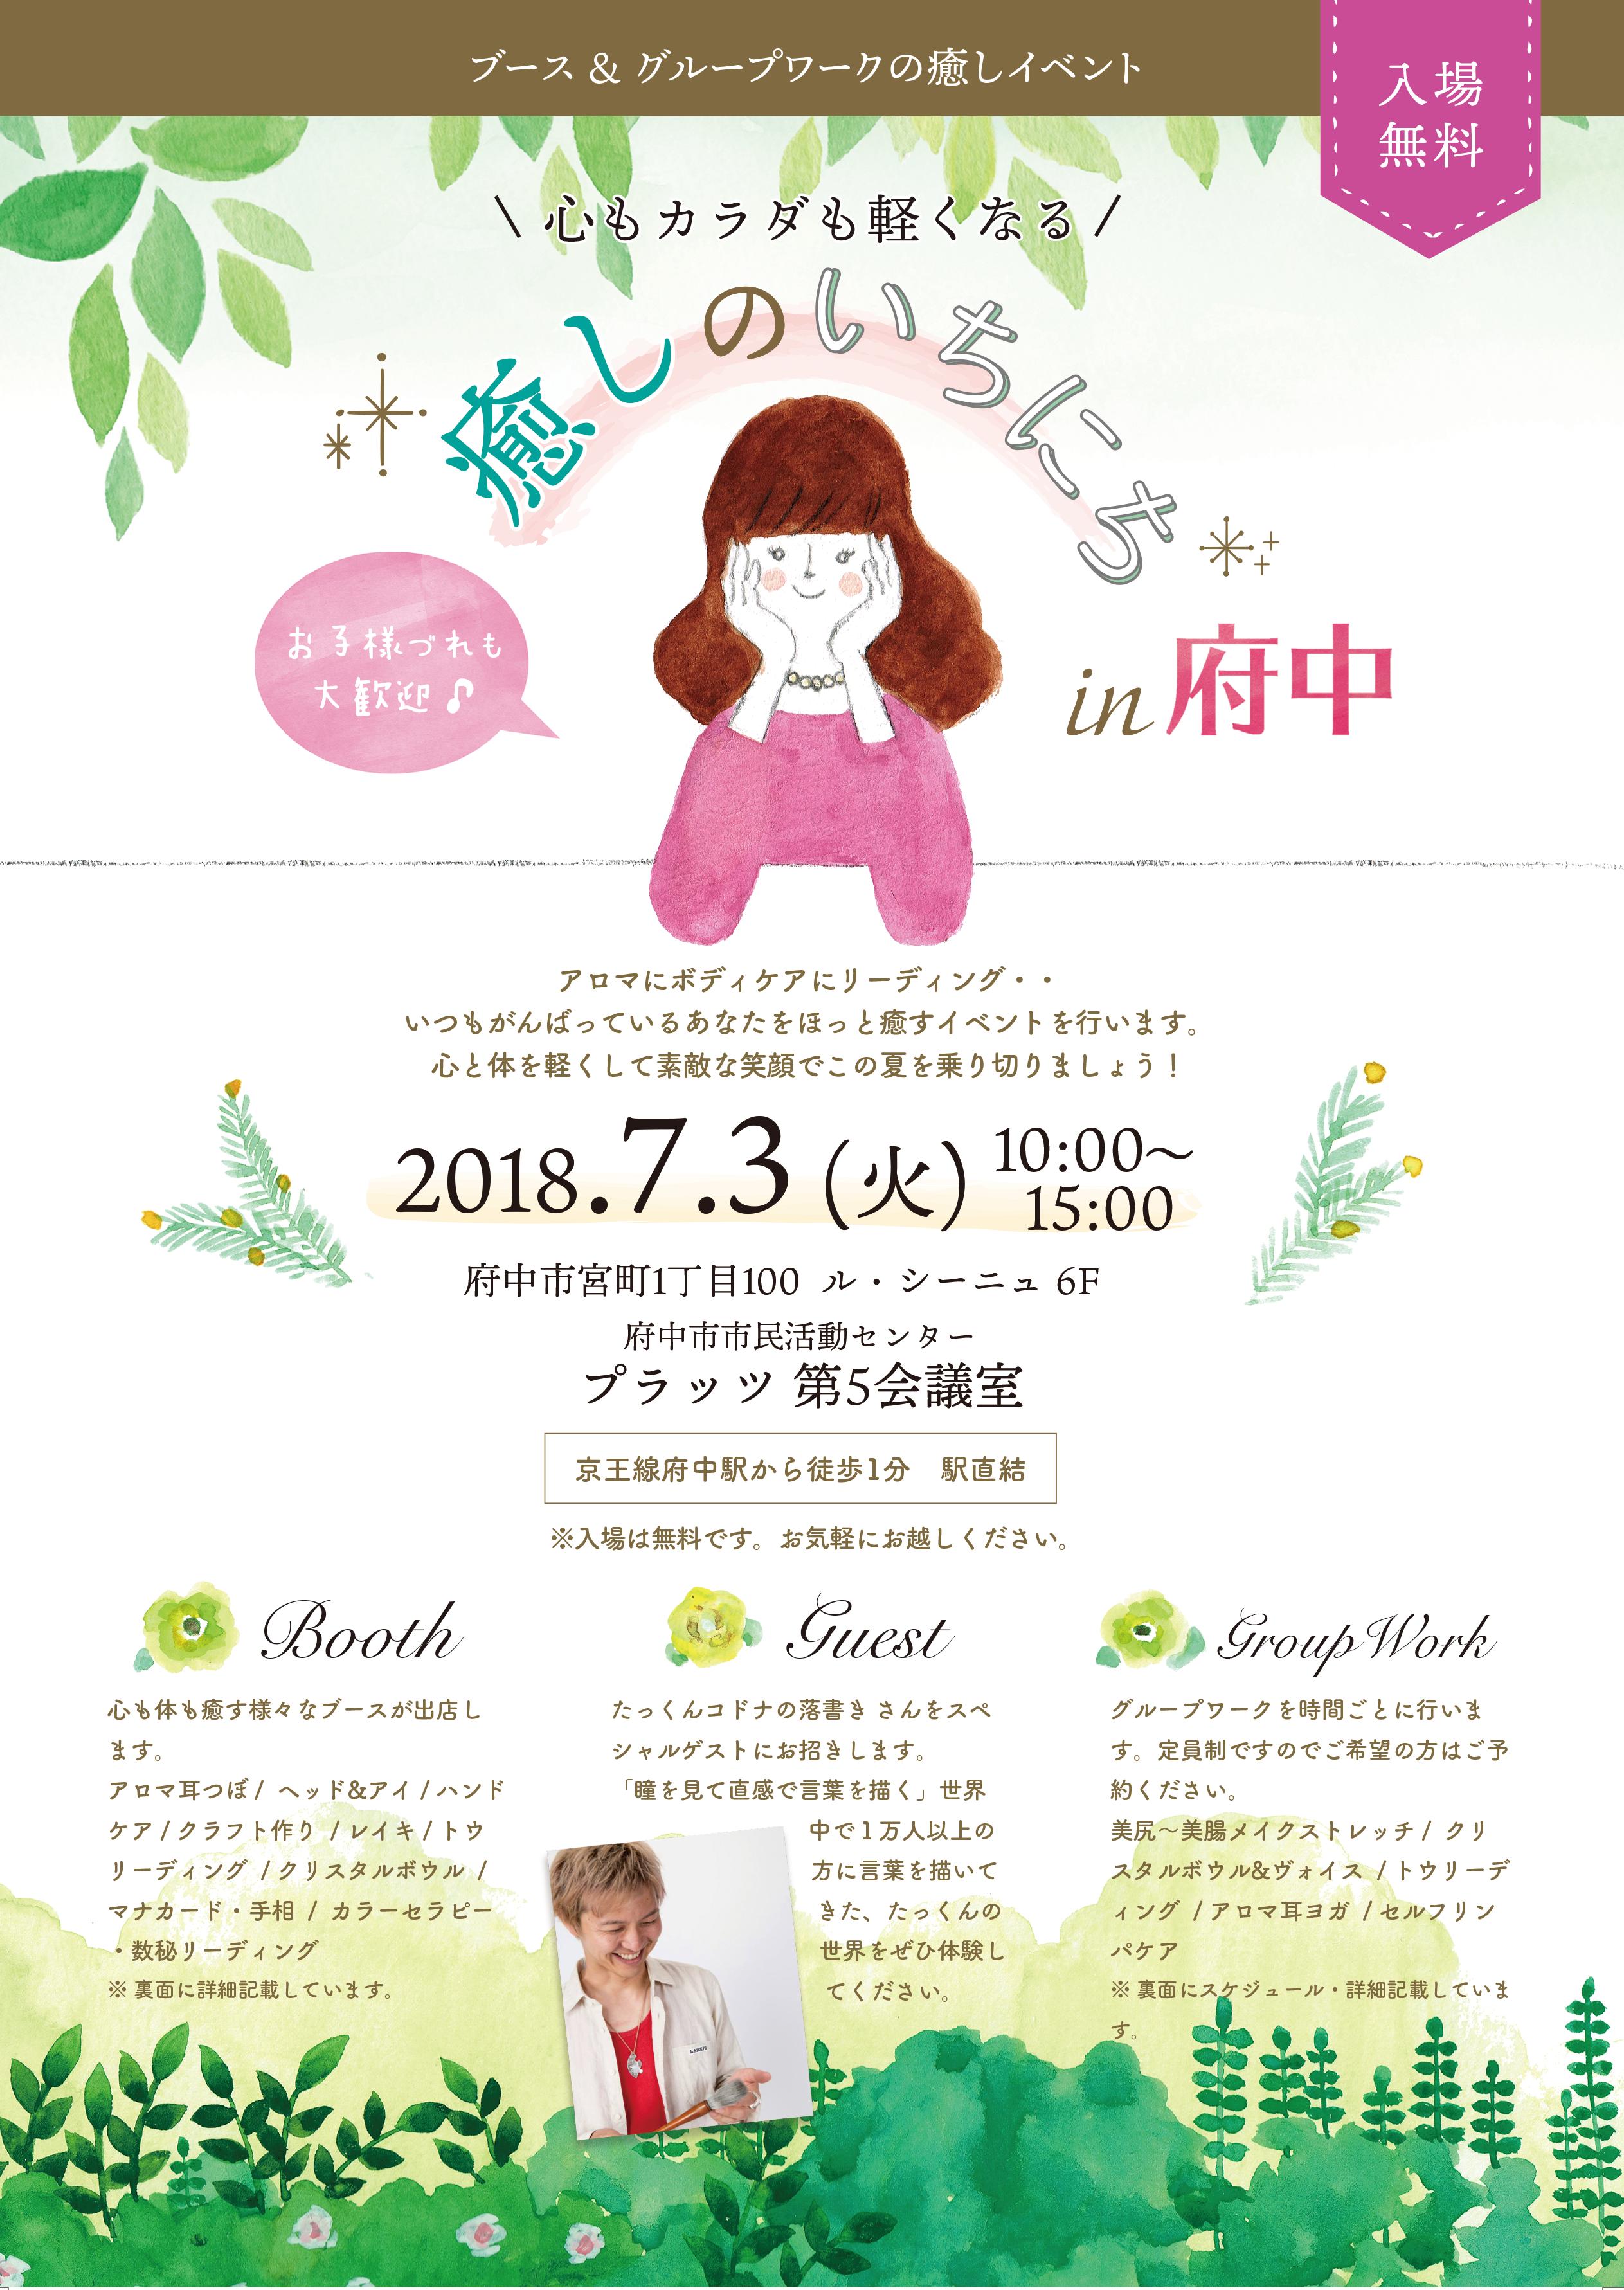 【A4】イベントフライヤー